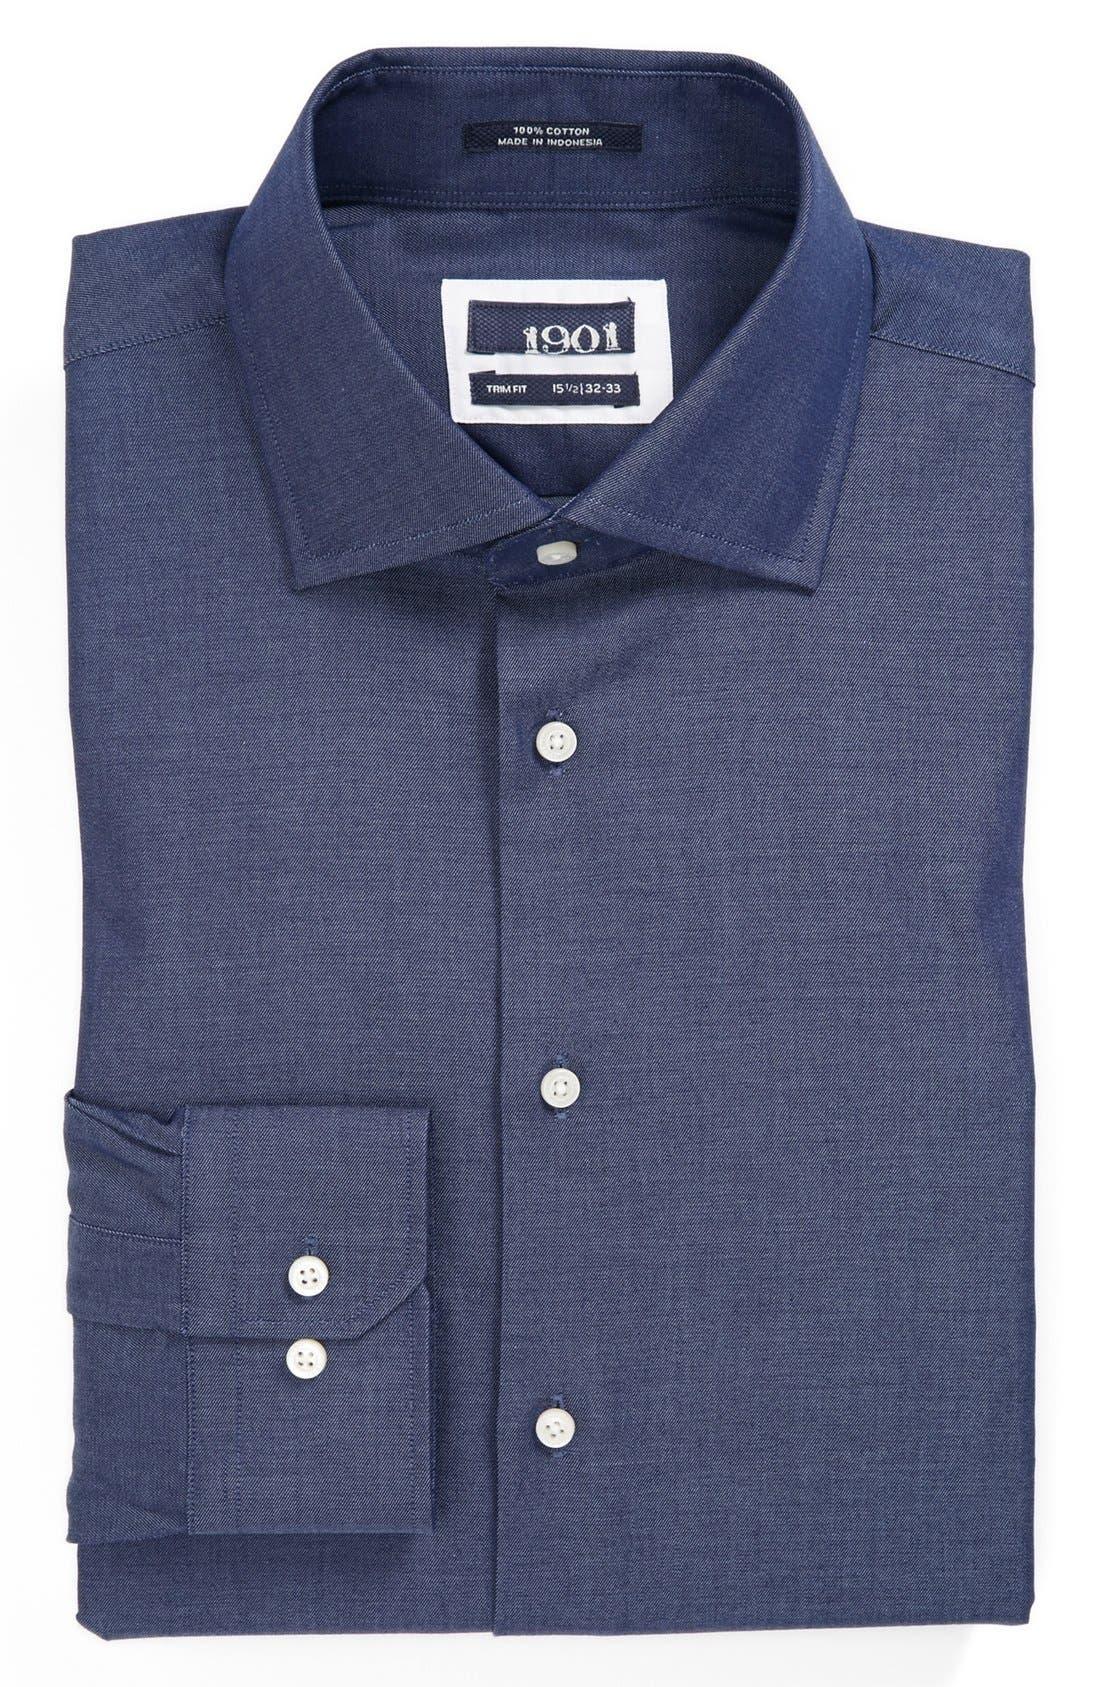 Alternate Image 1 Selected - 1901 Trim Fit Denim Dress Shirt